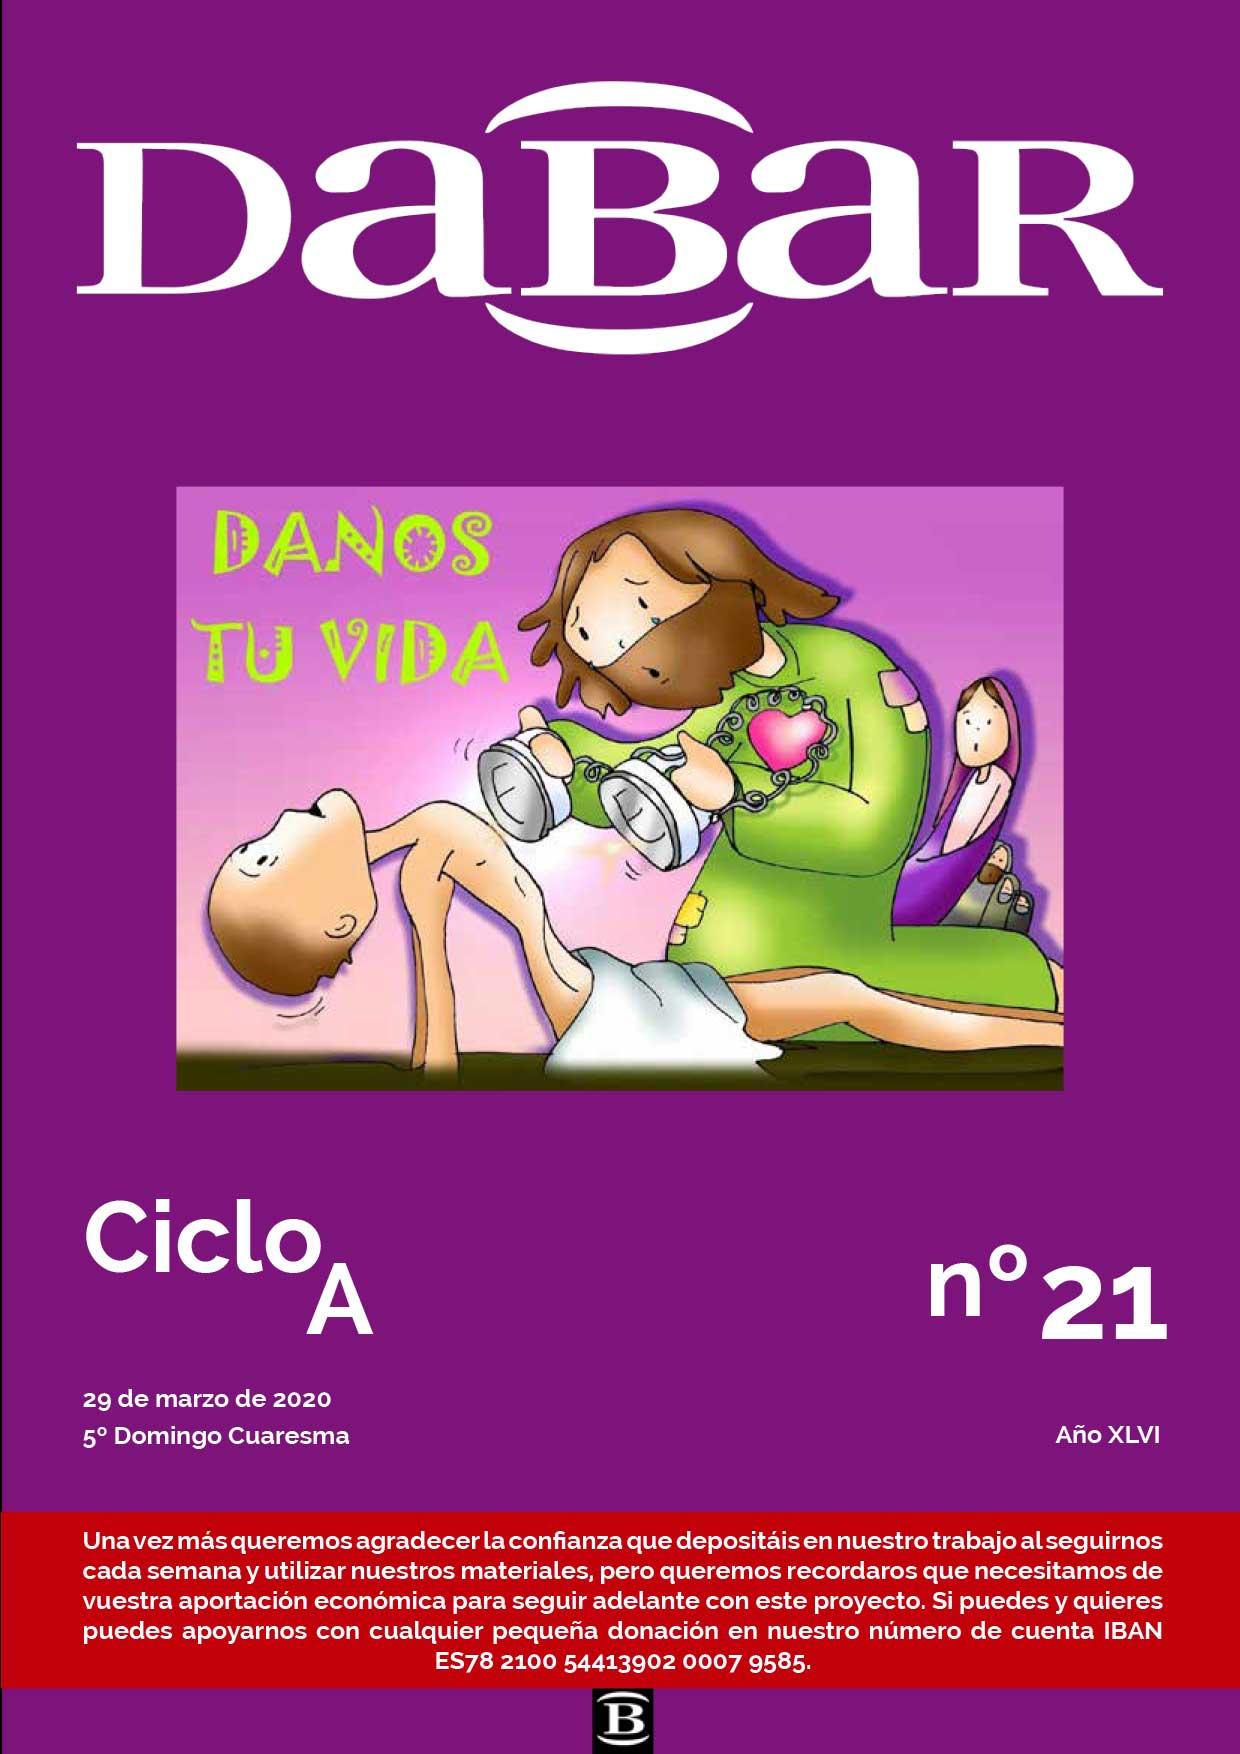 Dabar Revista numero 21 ciclo A